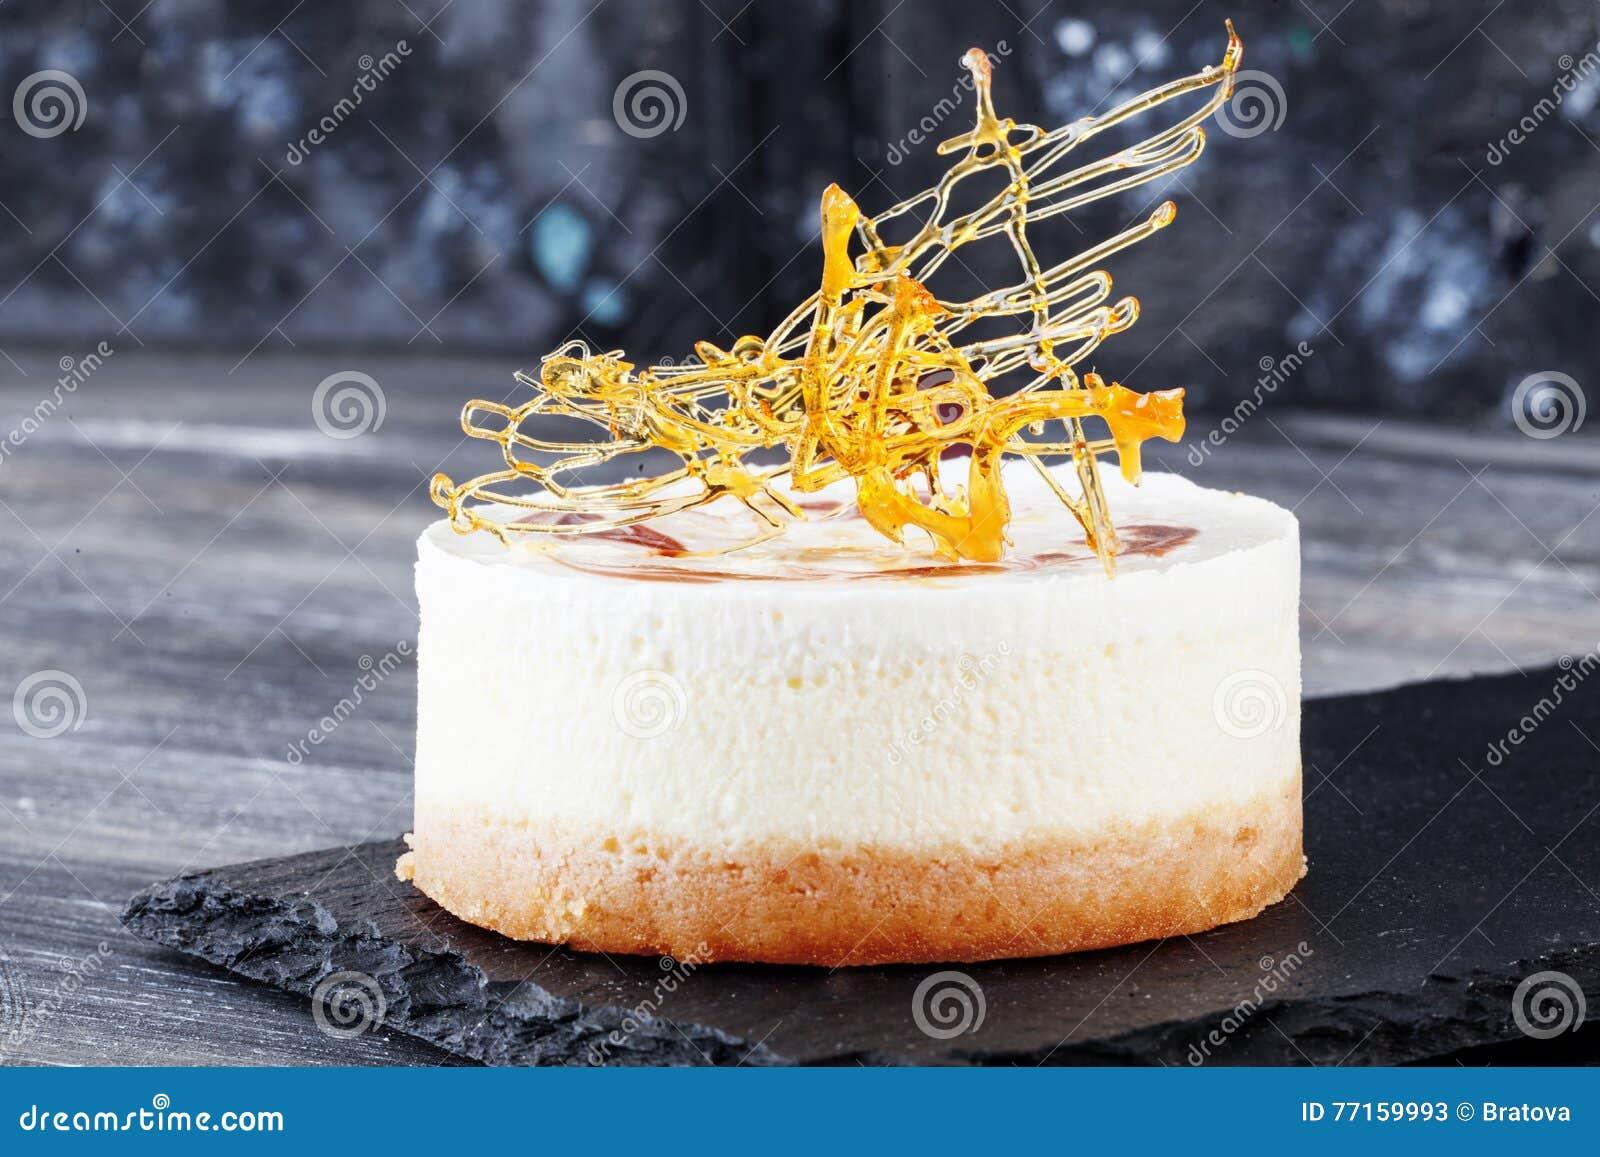 Gâteau croquant croustillant de décor de décoration de Chips Caramel avec des couches de vanille toujours de la vie